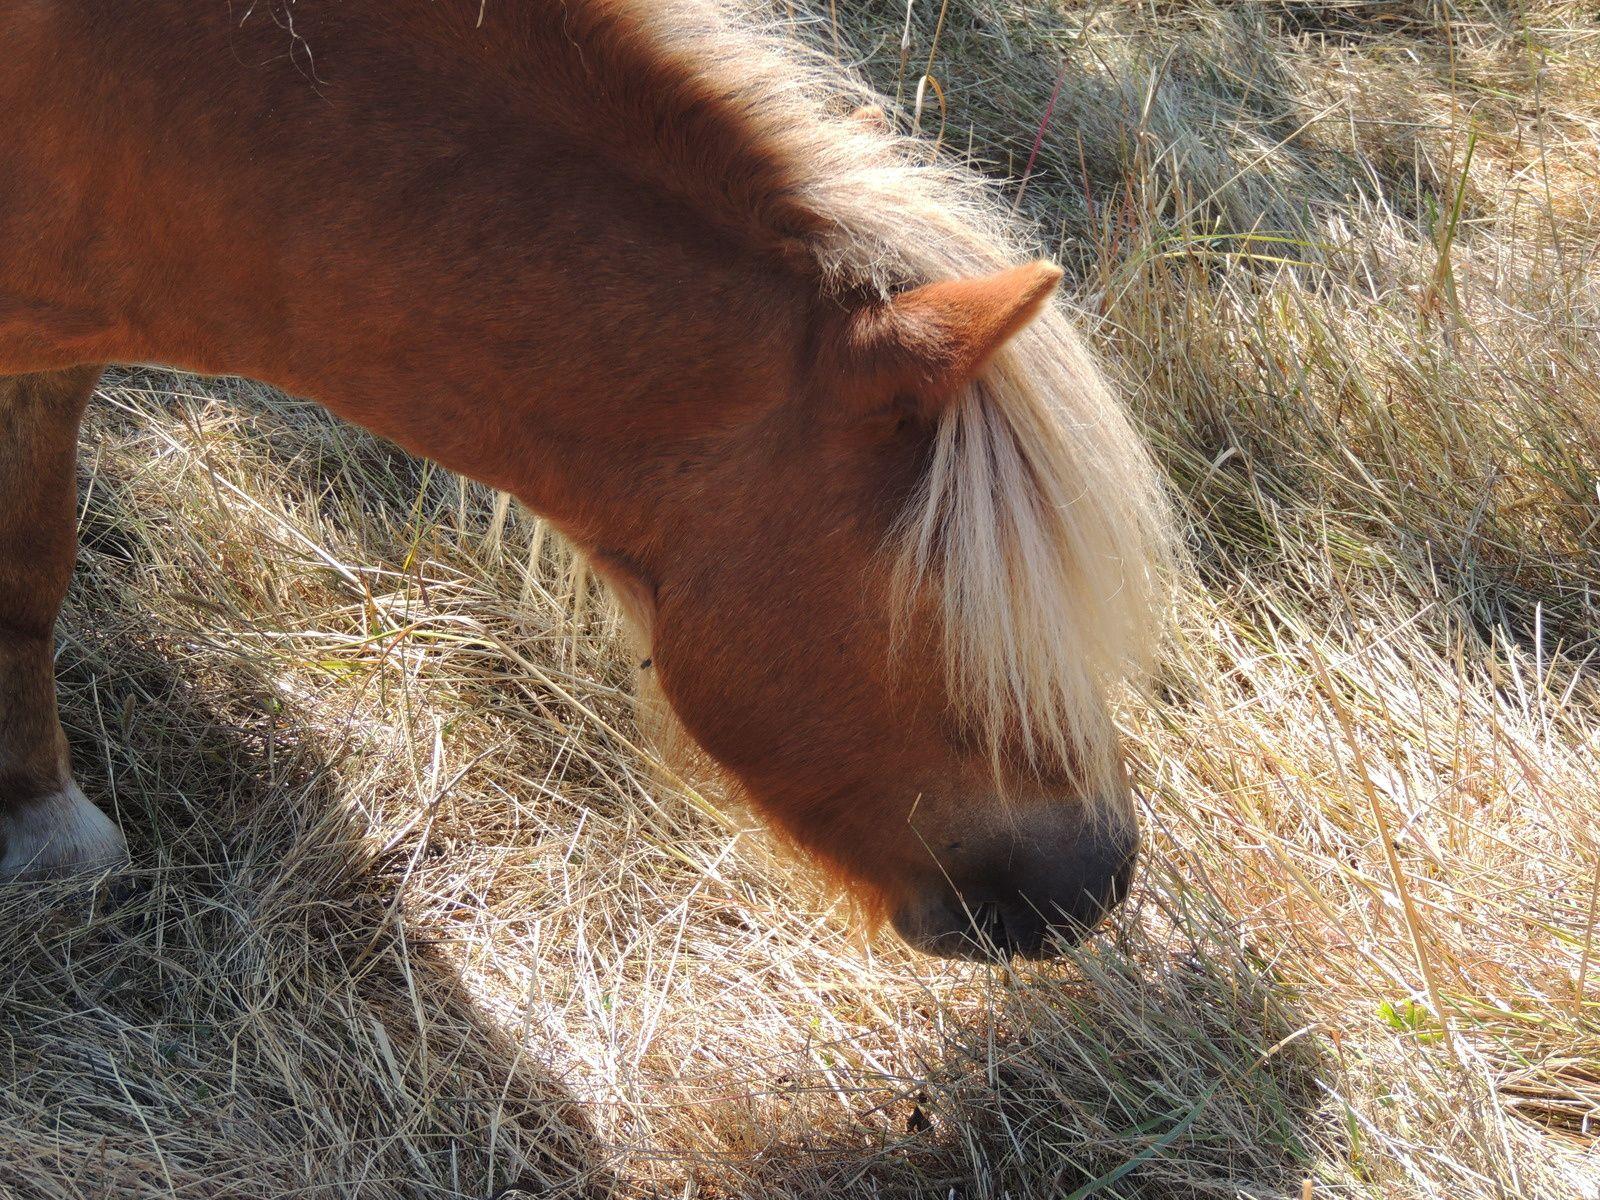 Poney à l'herbe. Techniques d'élevage. Tous droits réservés.